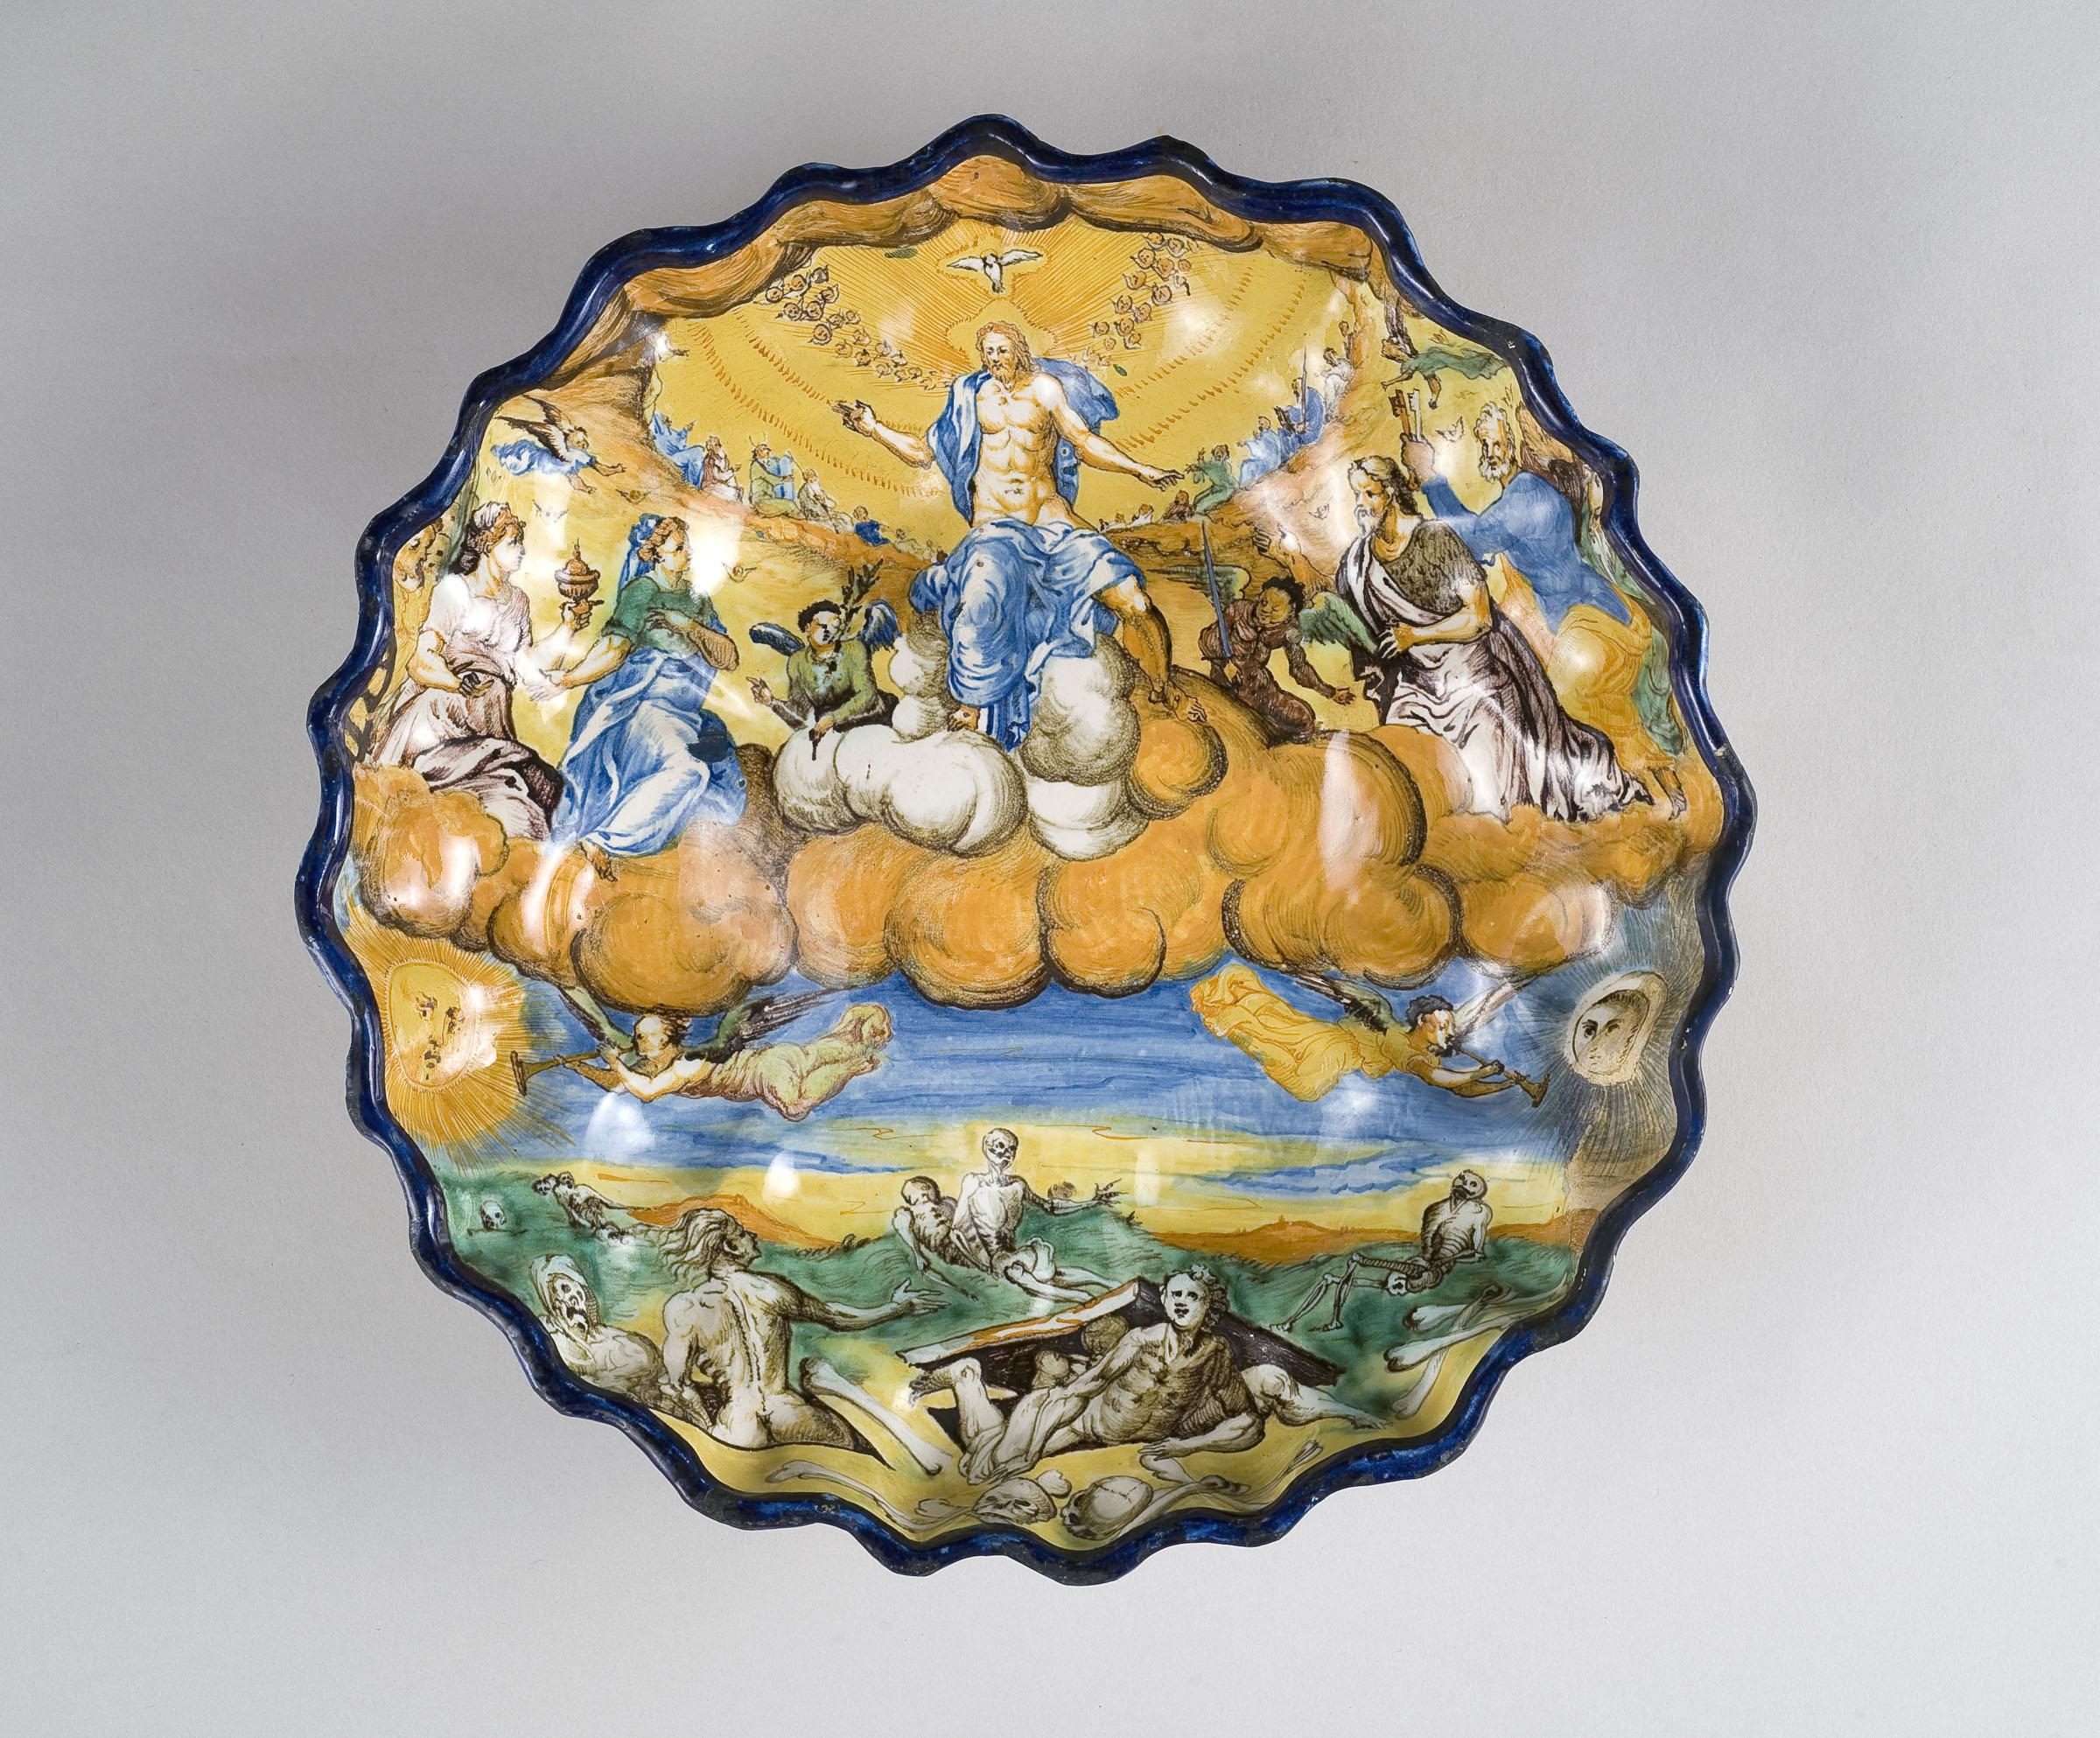 Ceramiche Toscane Montelupo Fiorentino nove secoli di ceramica.l'eccellenza del territorio